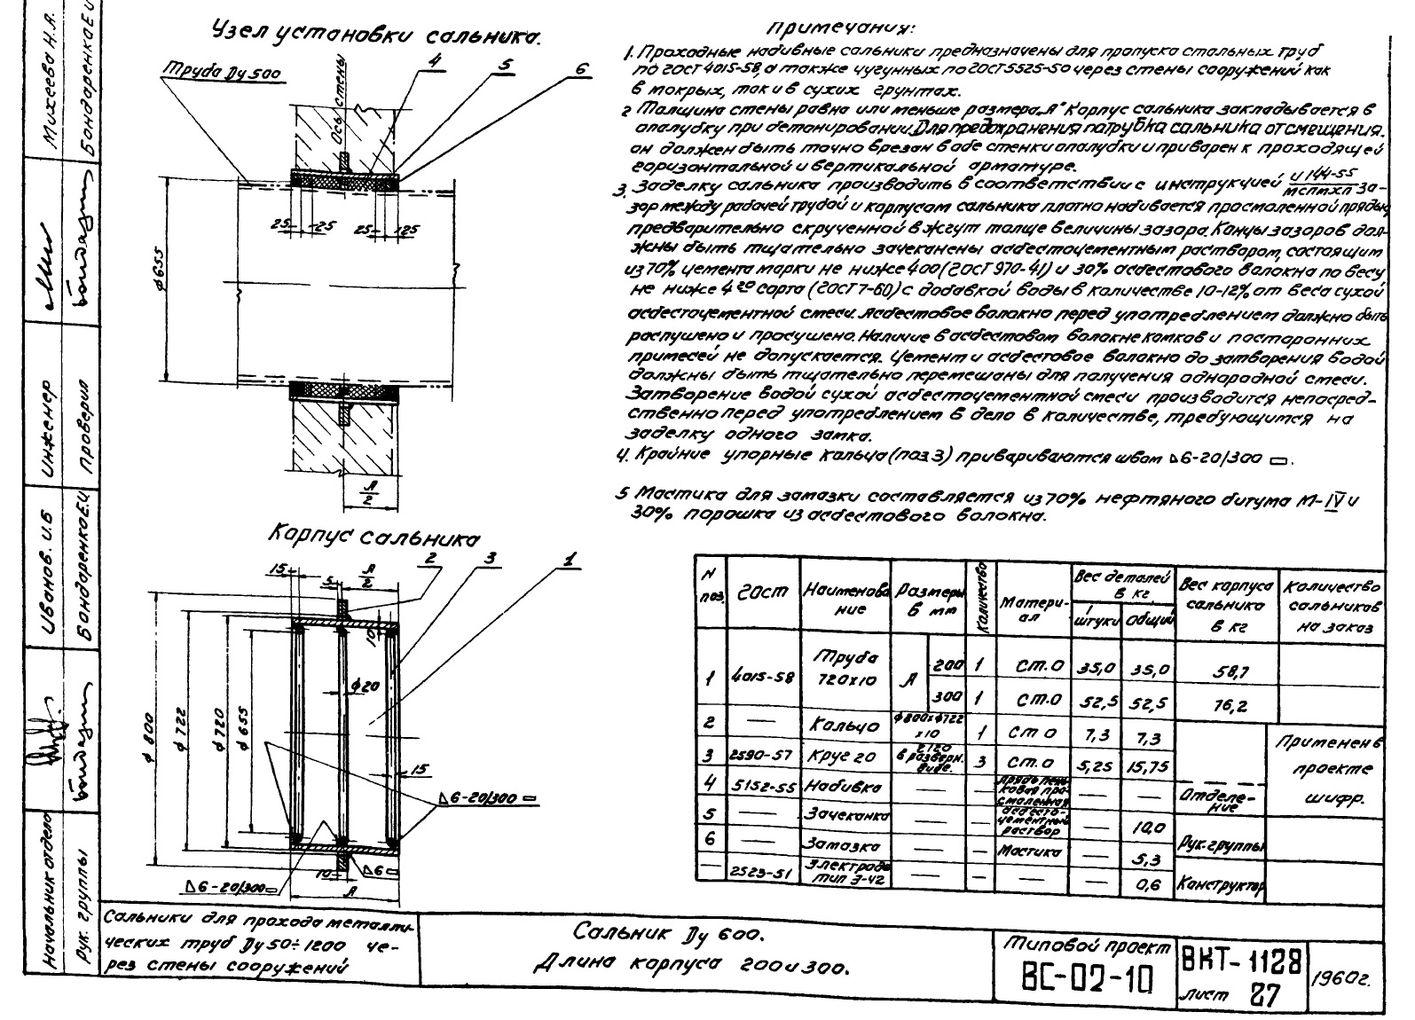 Сальники набивные L = 300 мм типовой проект ВС-02-10 стр.13